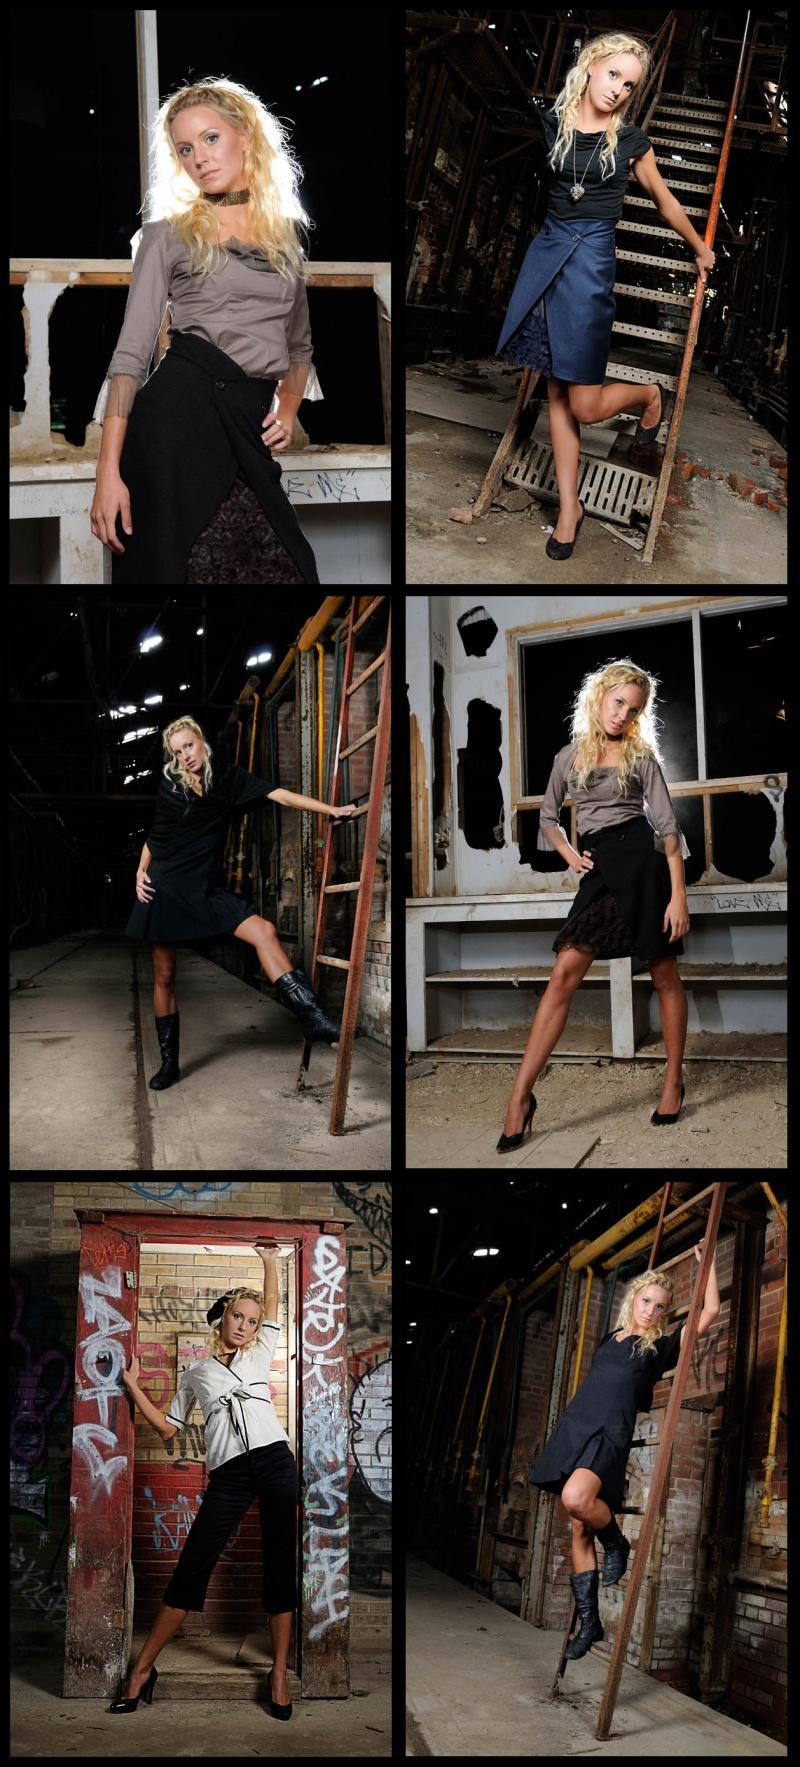 Dec 15, 2008 Fashionberry shoot